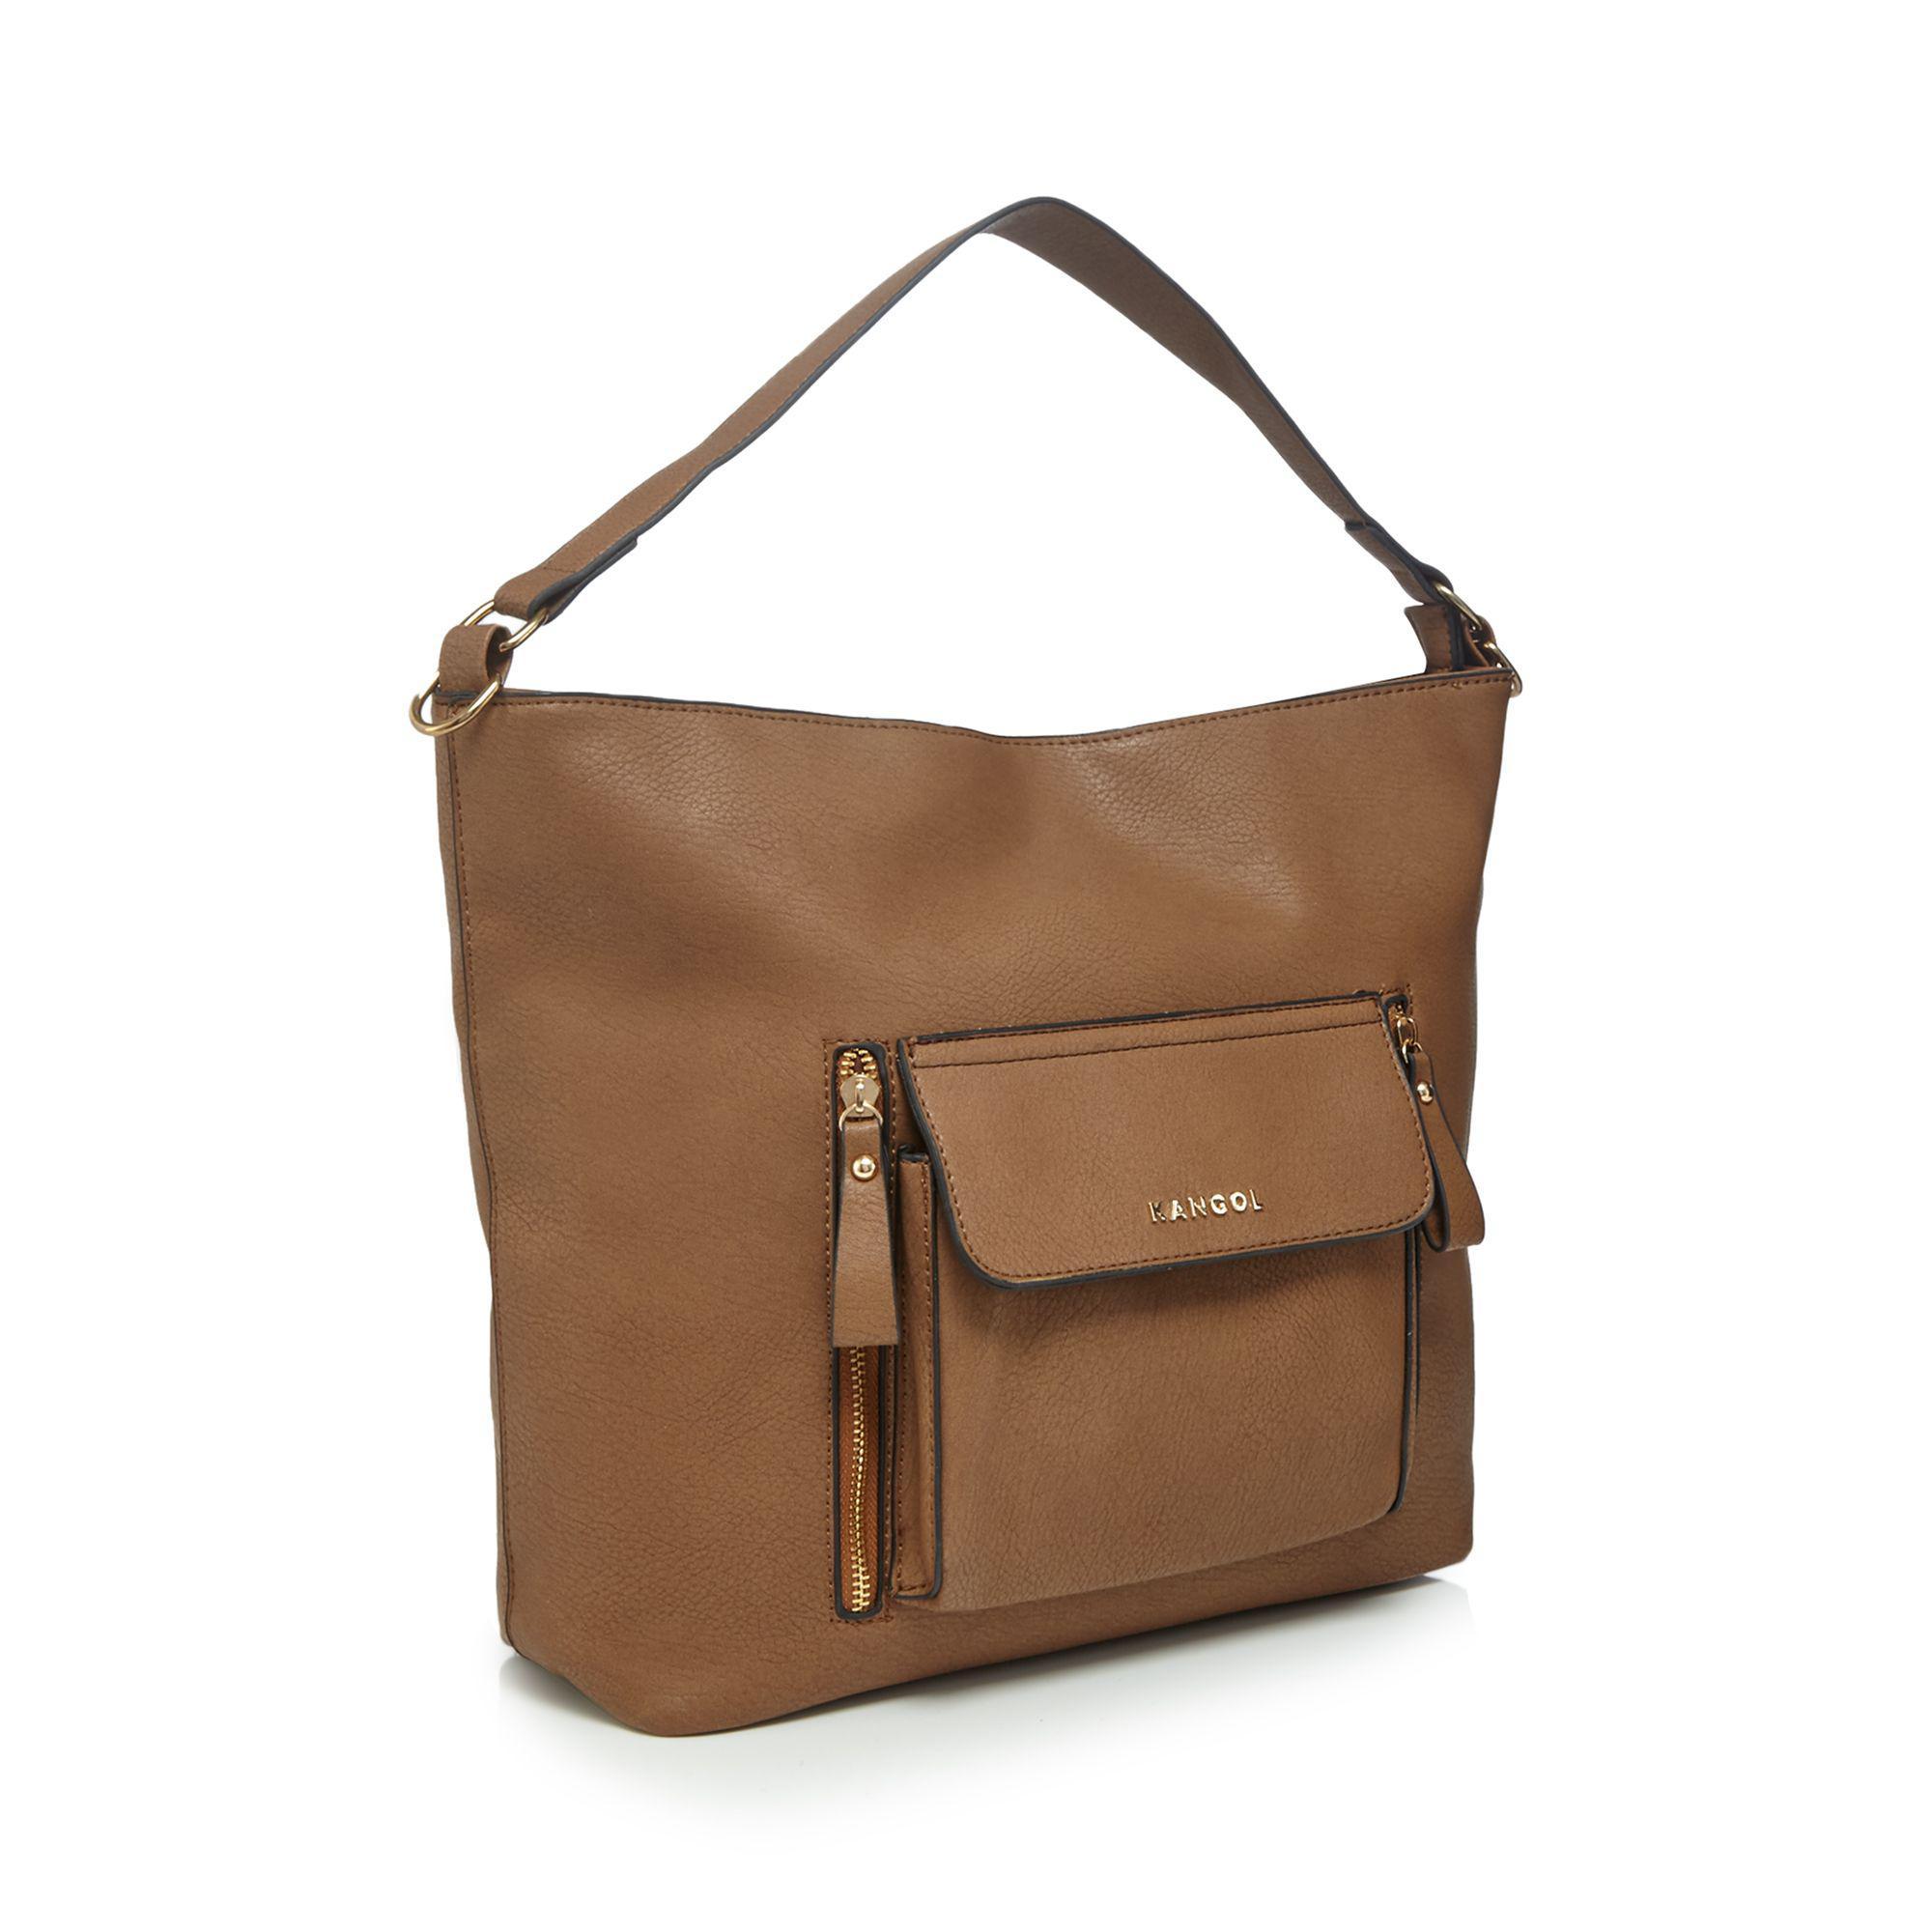 Kangol Tan Large Pocket Shoulder Bag in Brown - Lyst 5795363f7d